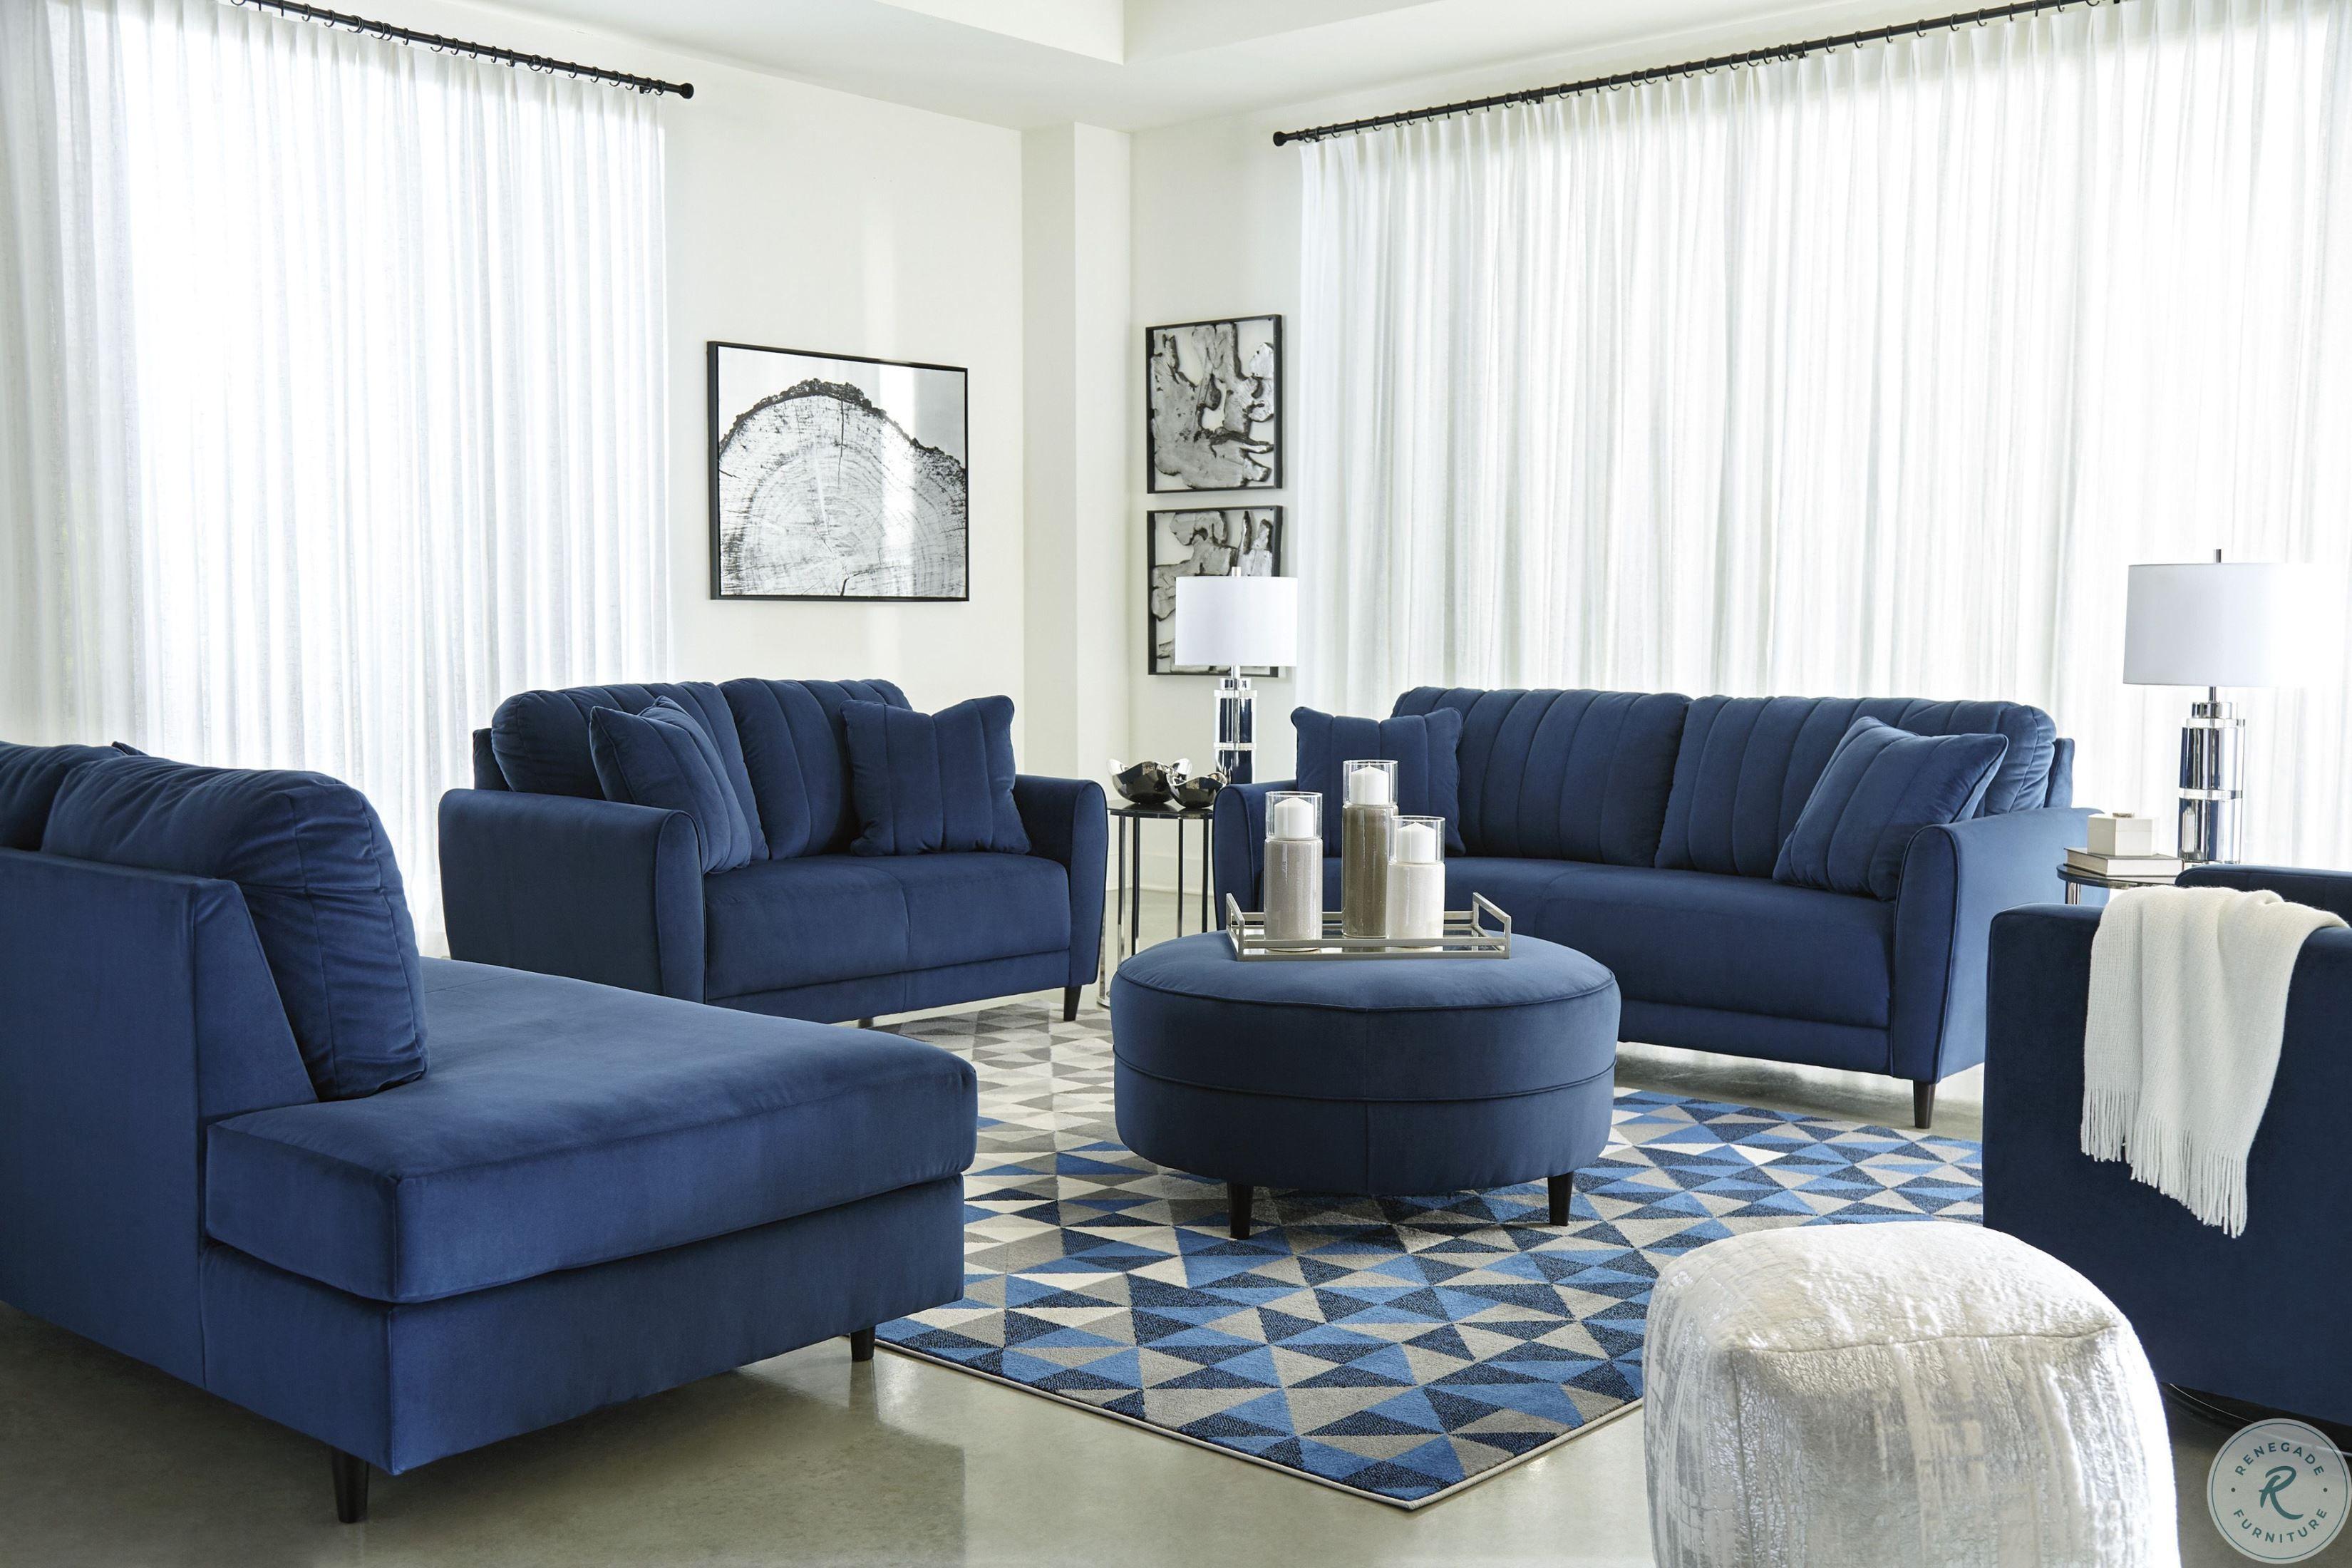 Darcy Blue Living Room Set Blue Sofas Living Room Blue Living Room Sets Blue Living Room Decor